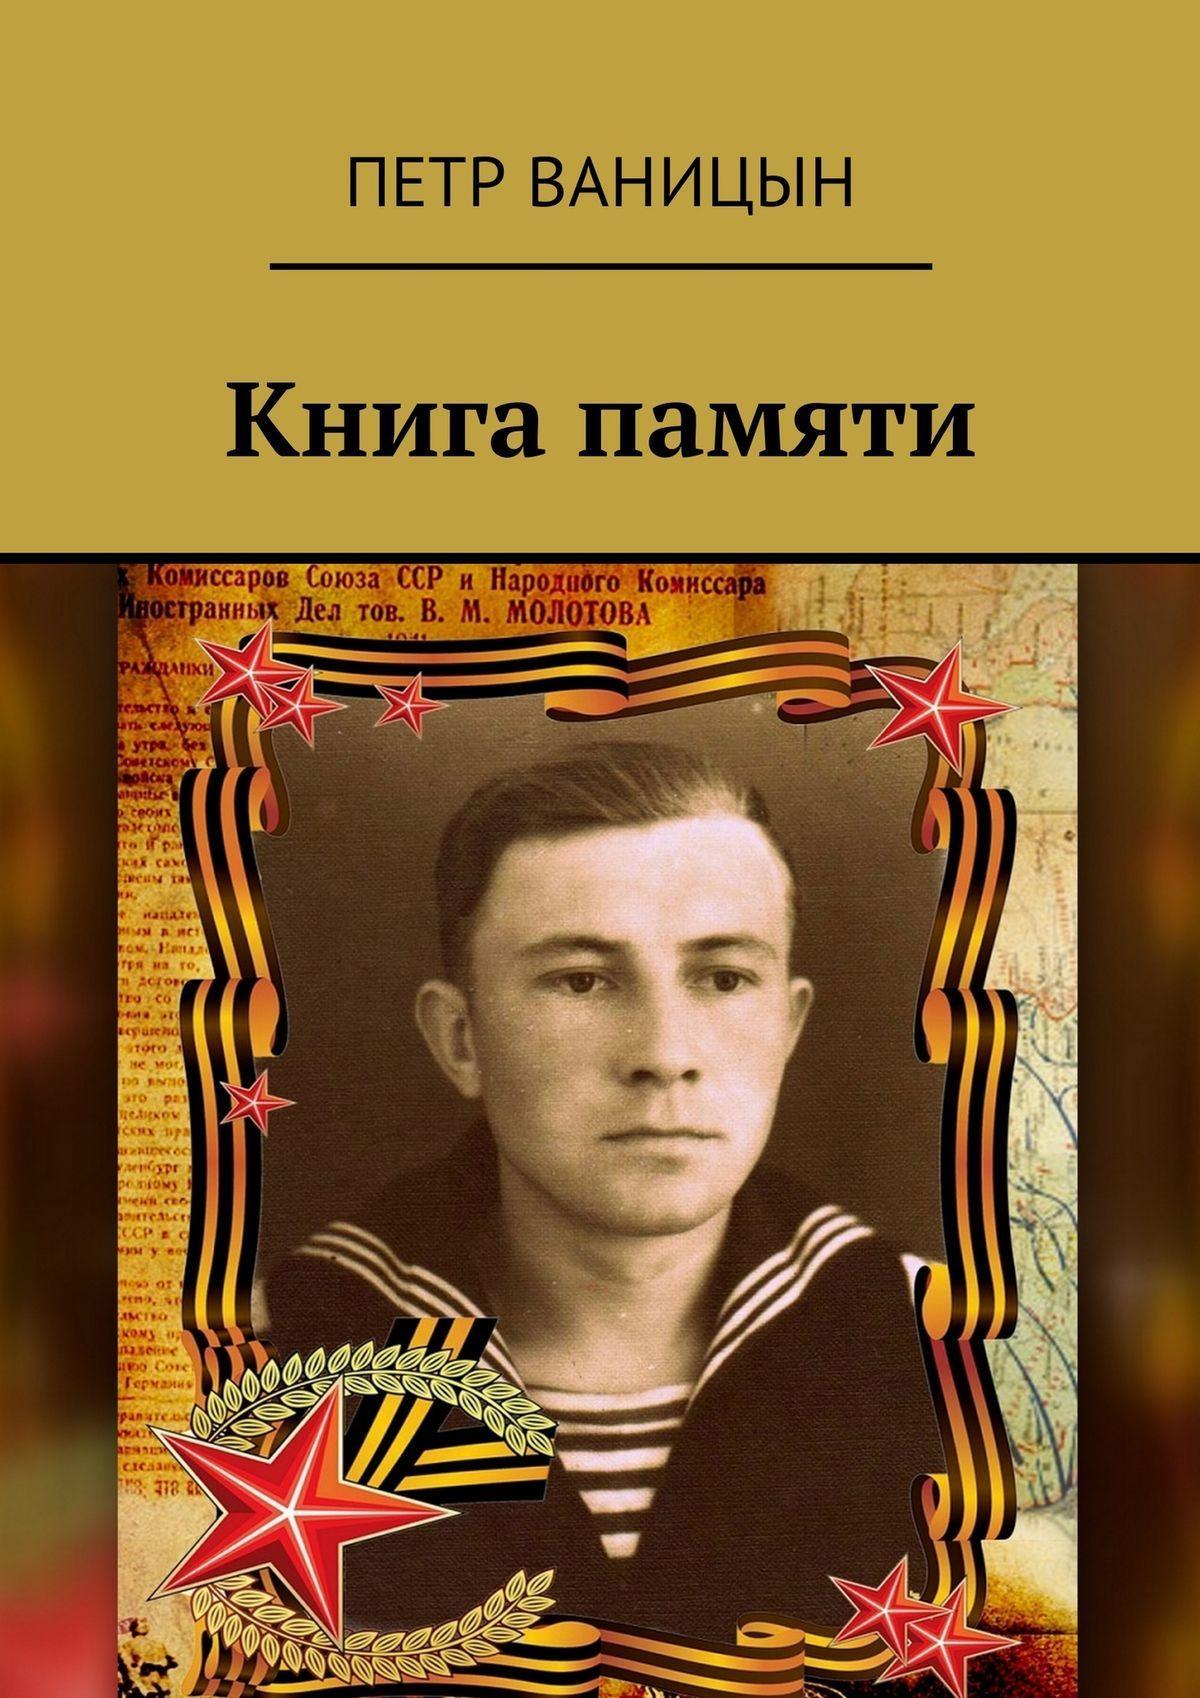 Петр Ваницын Книга памяти шу л радуга м энергетическое строение человека загадки человека сверхвозможности человека комплект из 3 книг